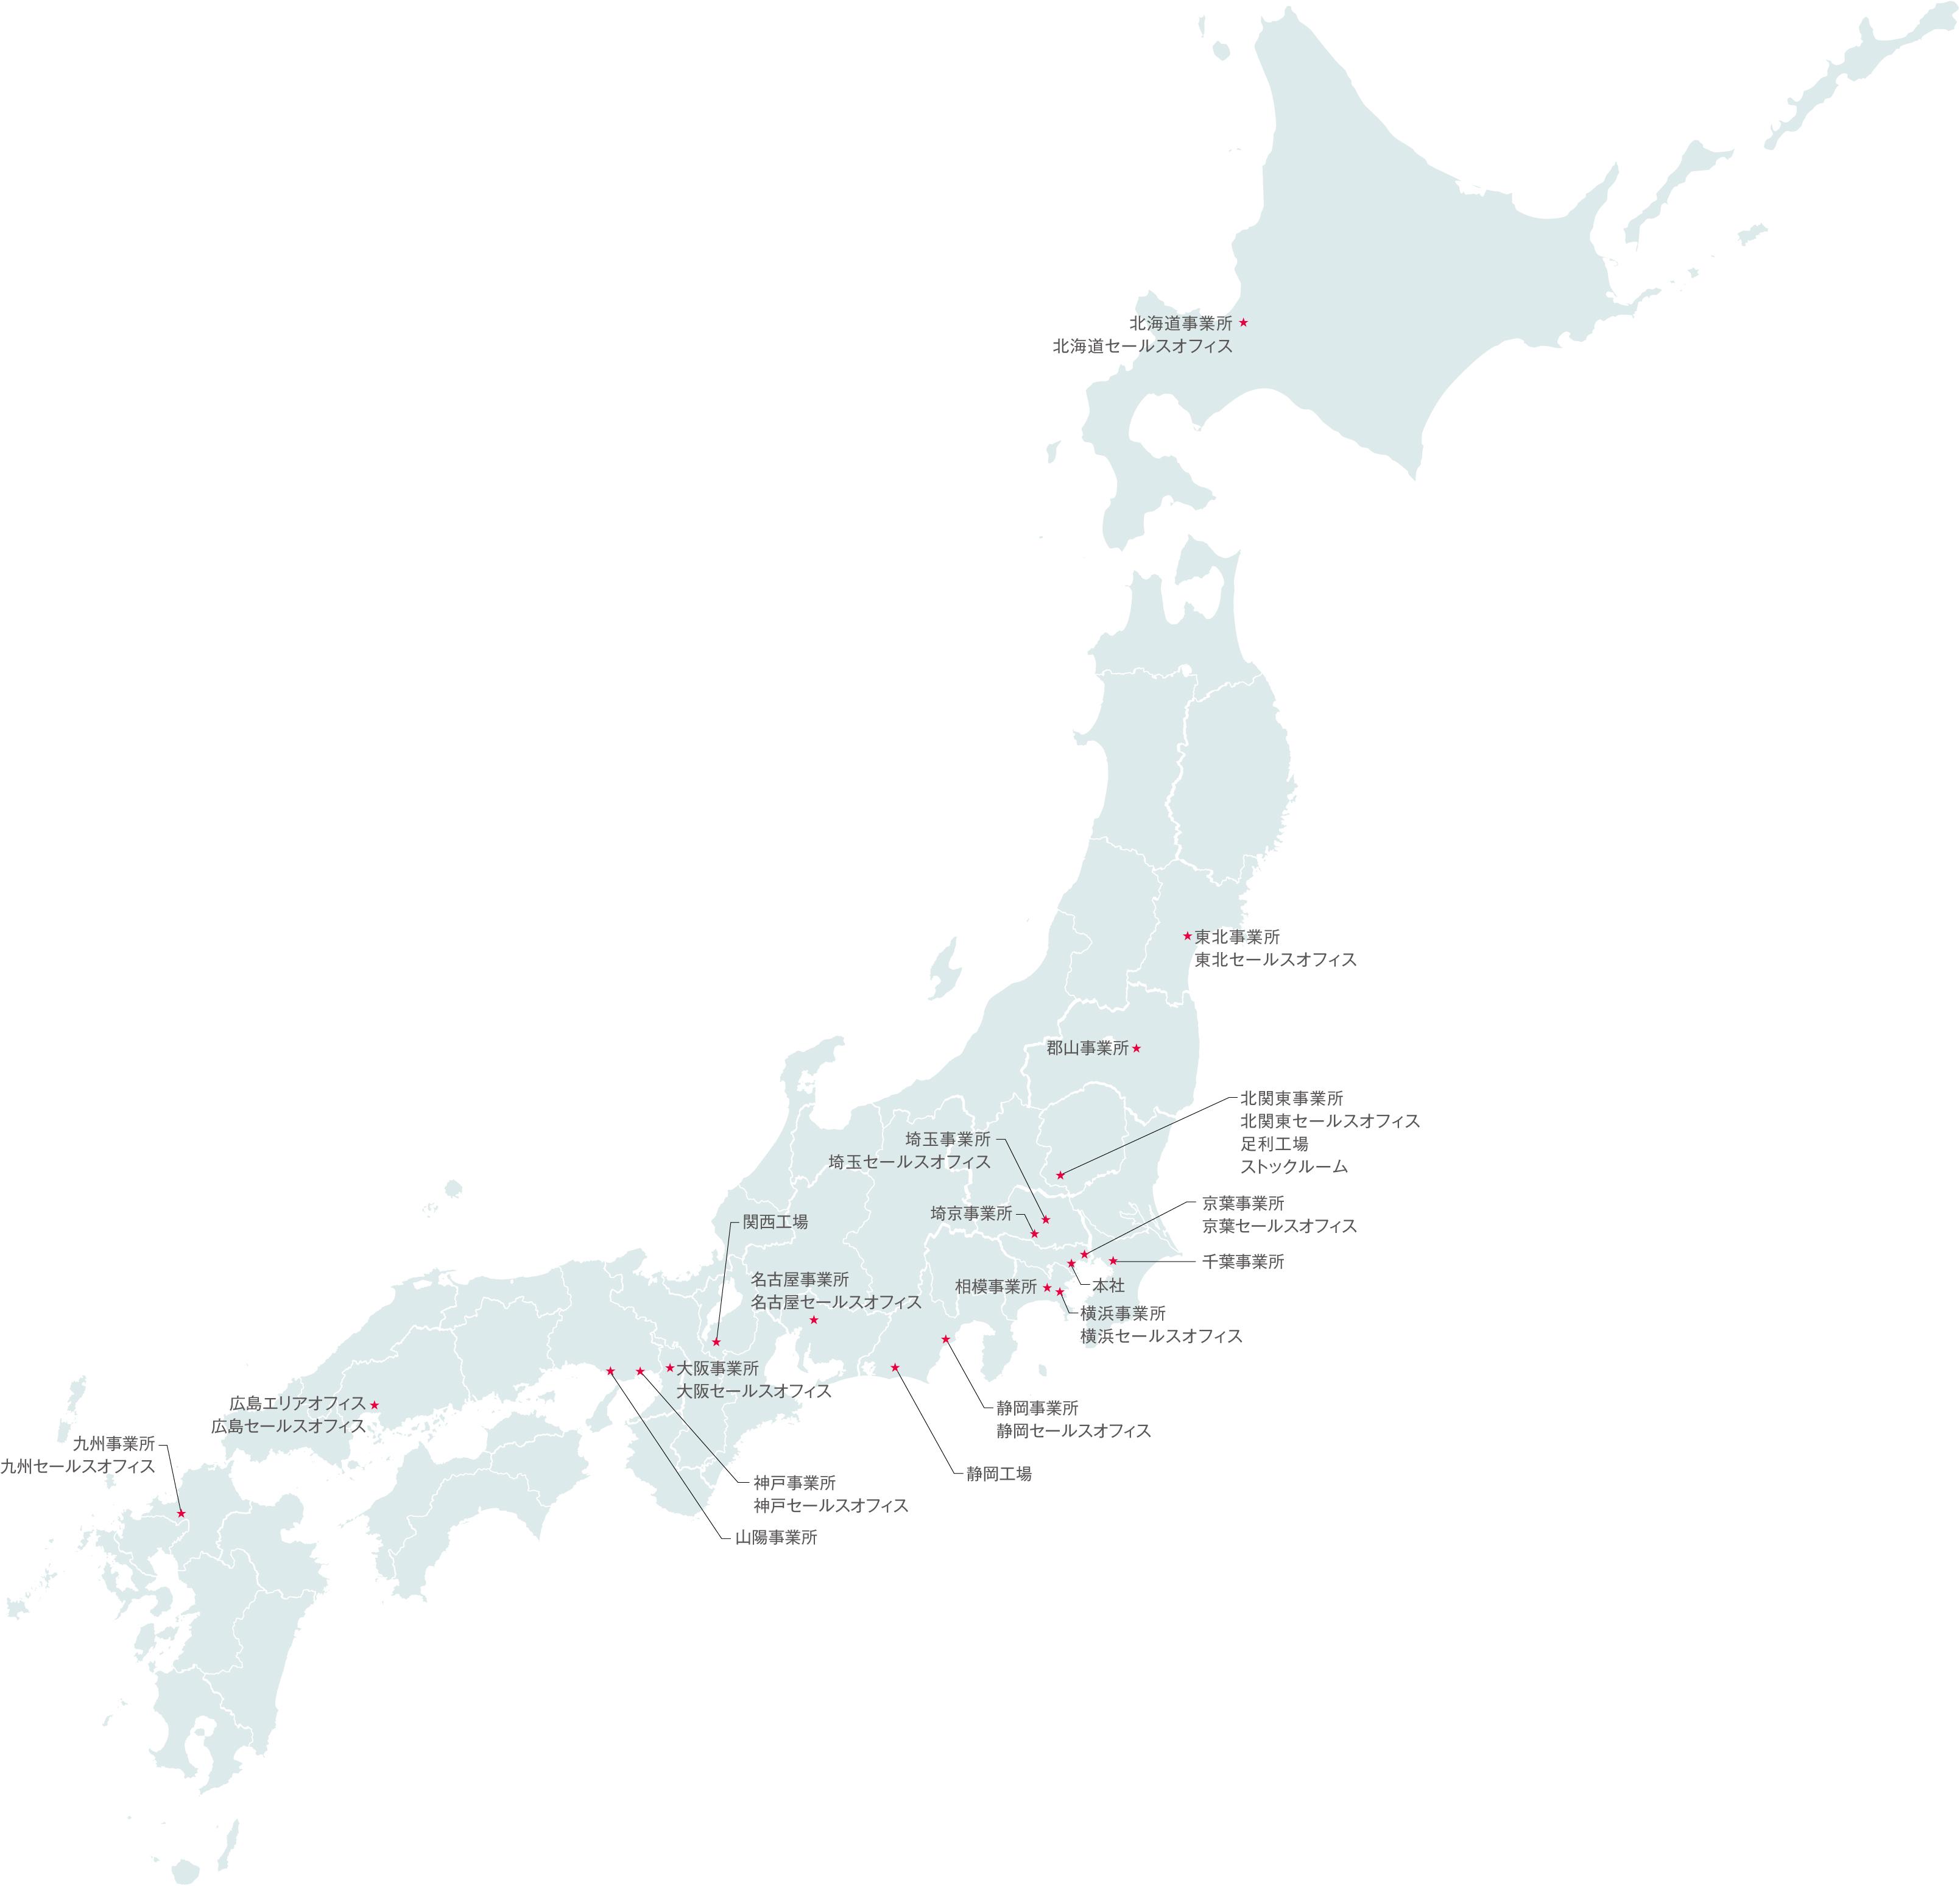 170703_map